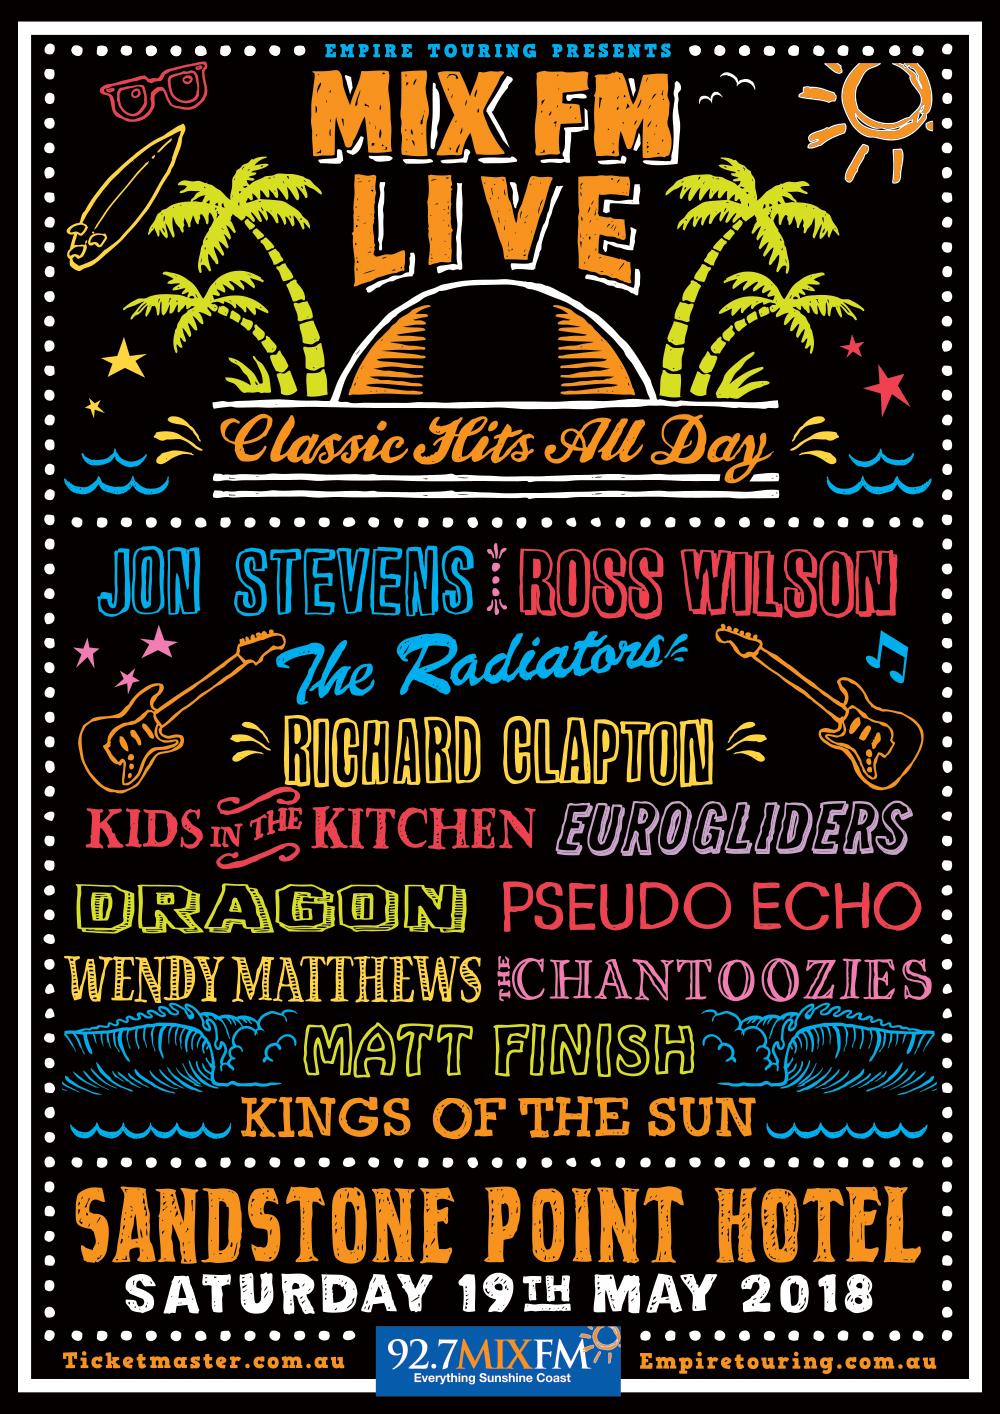 mix fm live - saturday 19th may